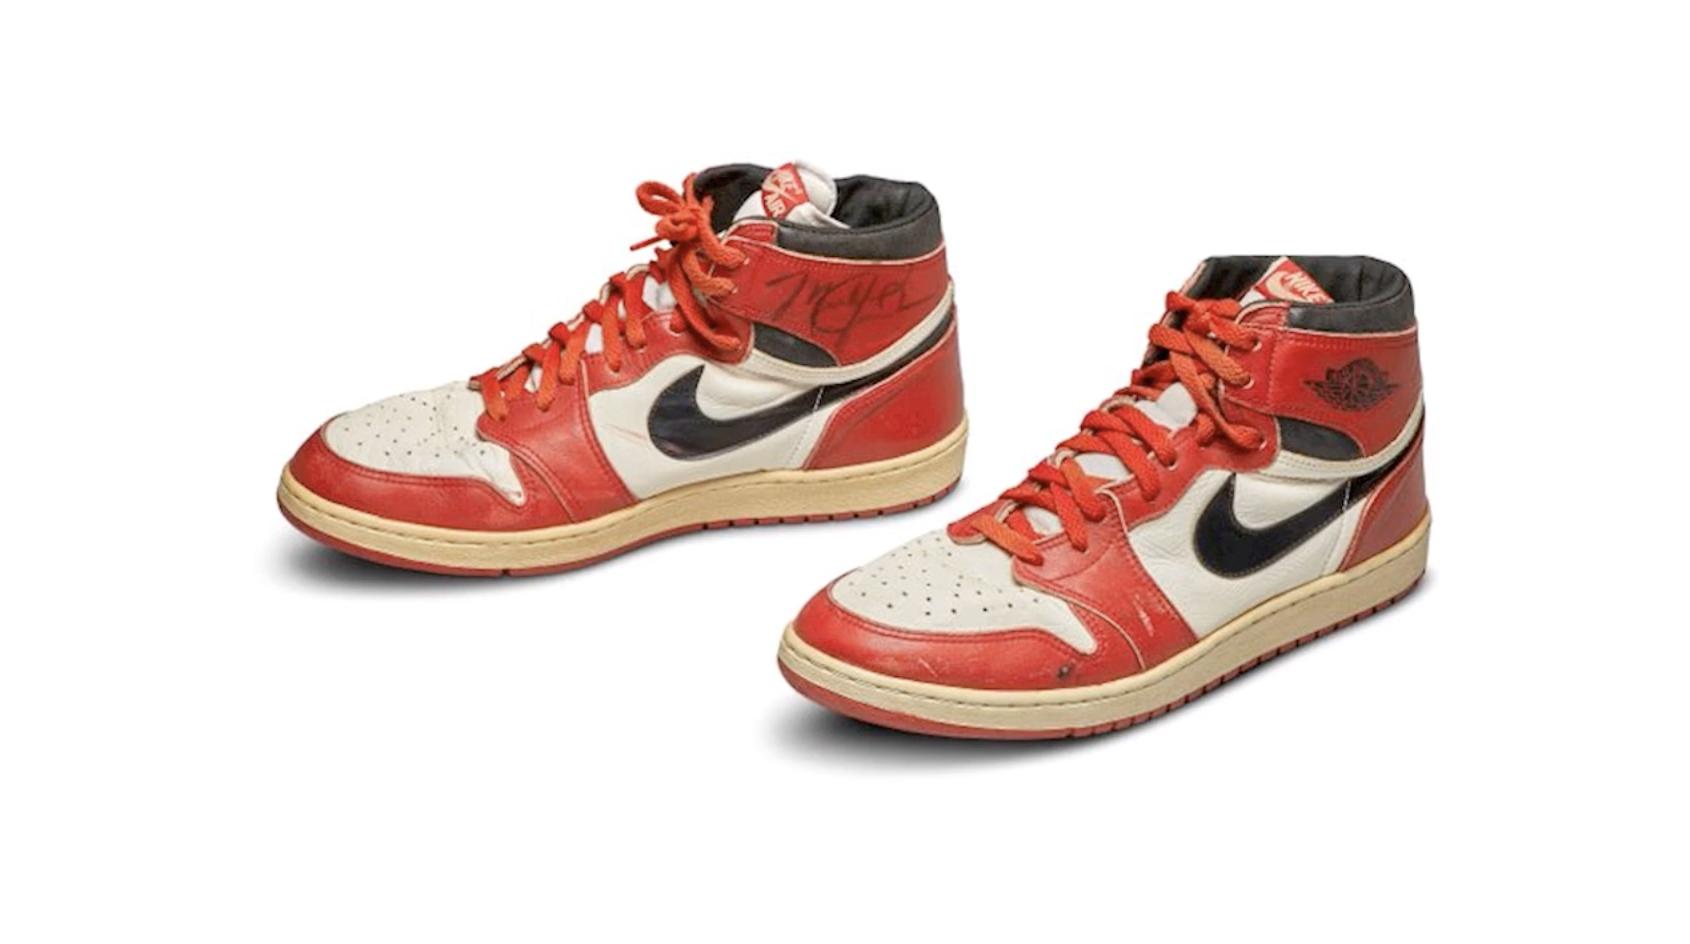 Rare Nike Air Jordan 1s Sold to